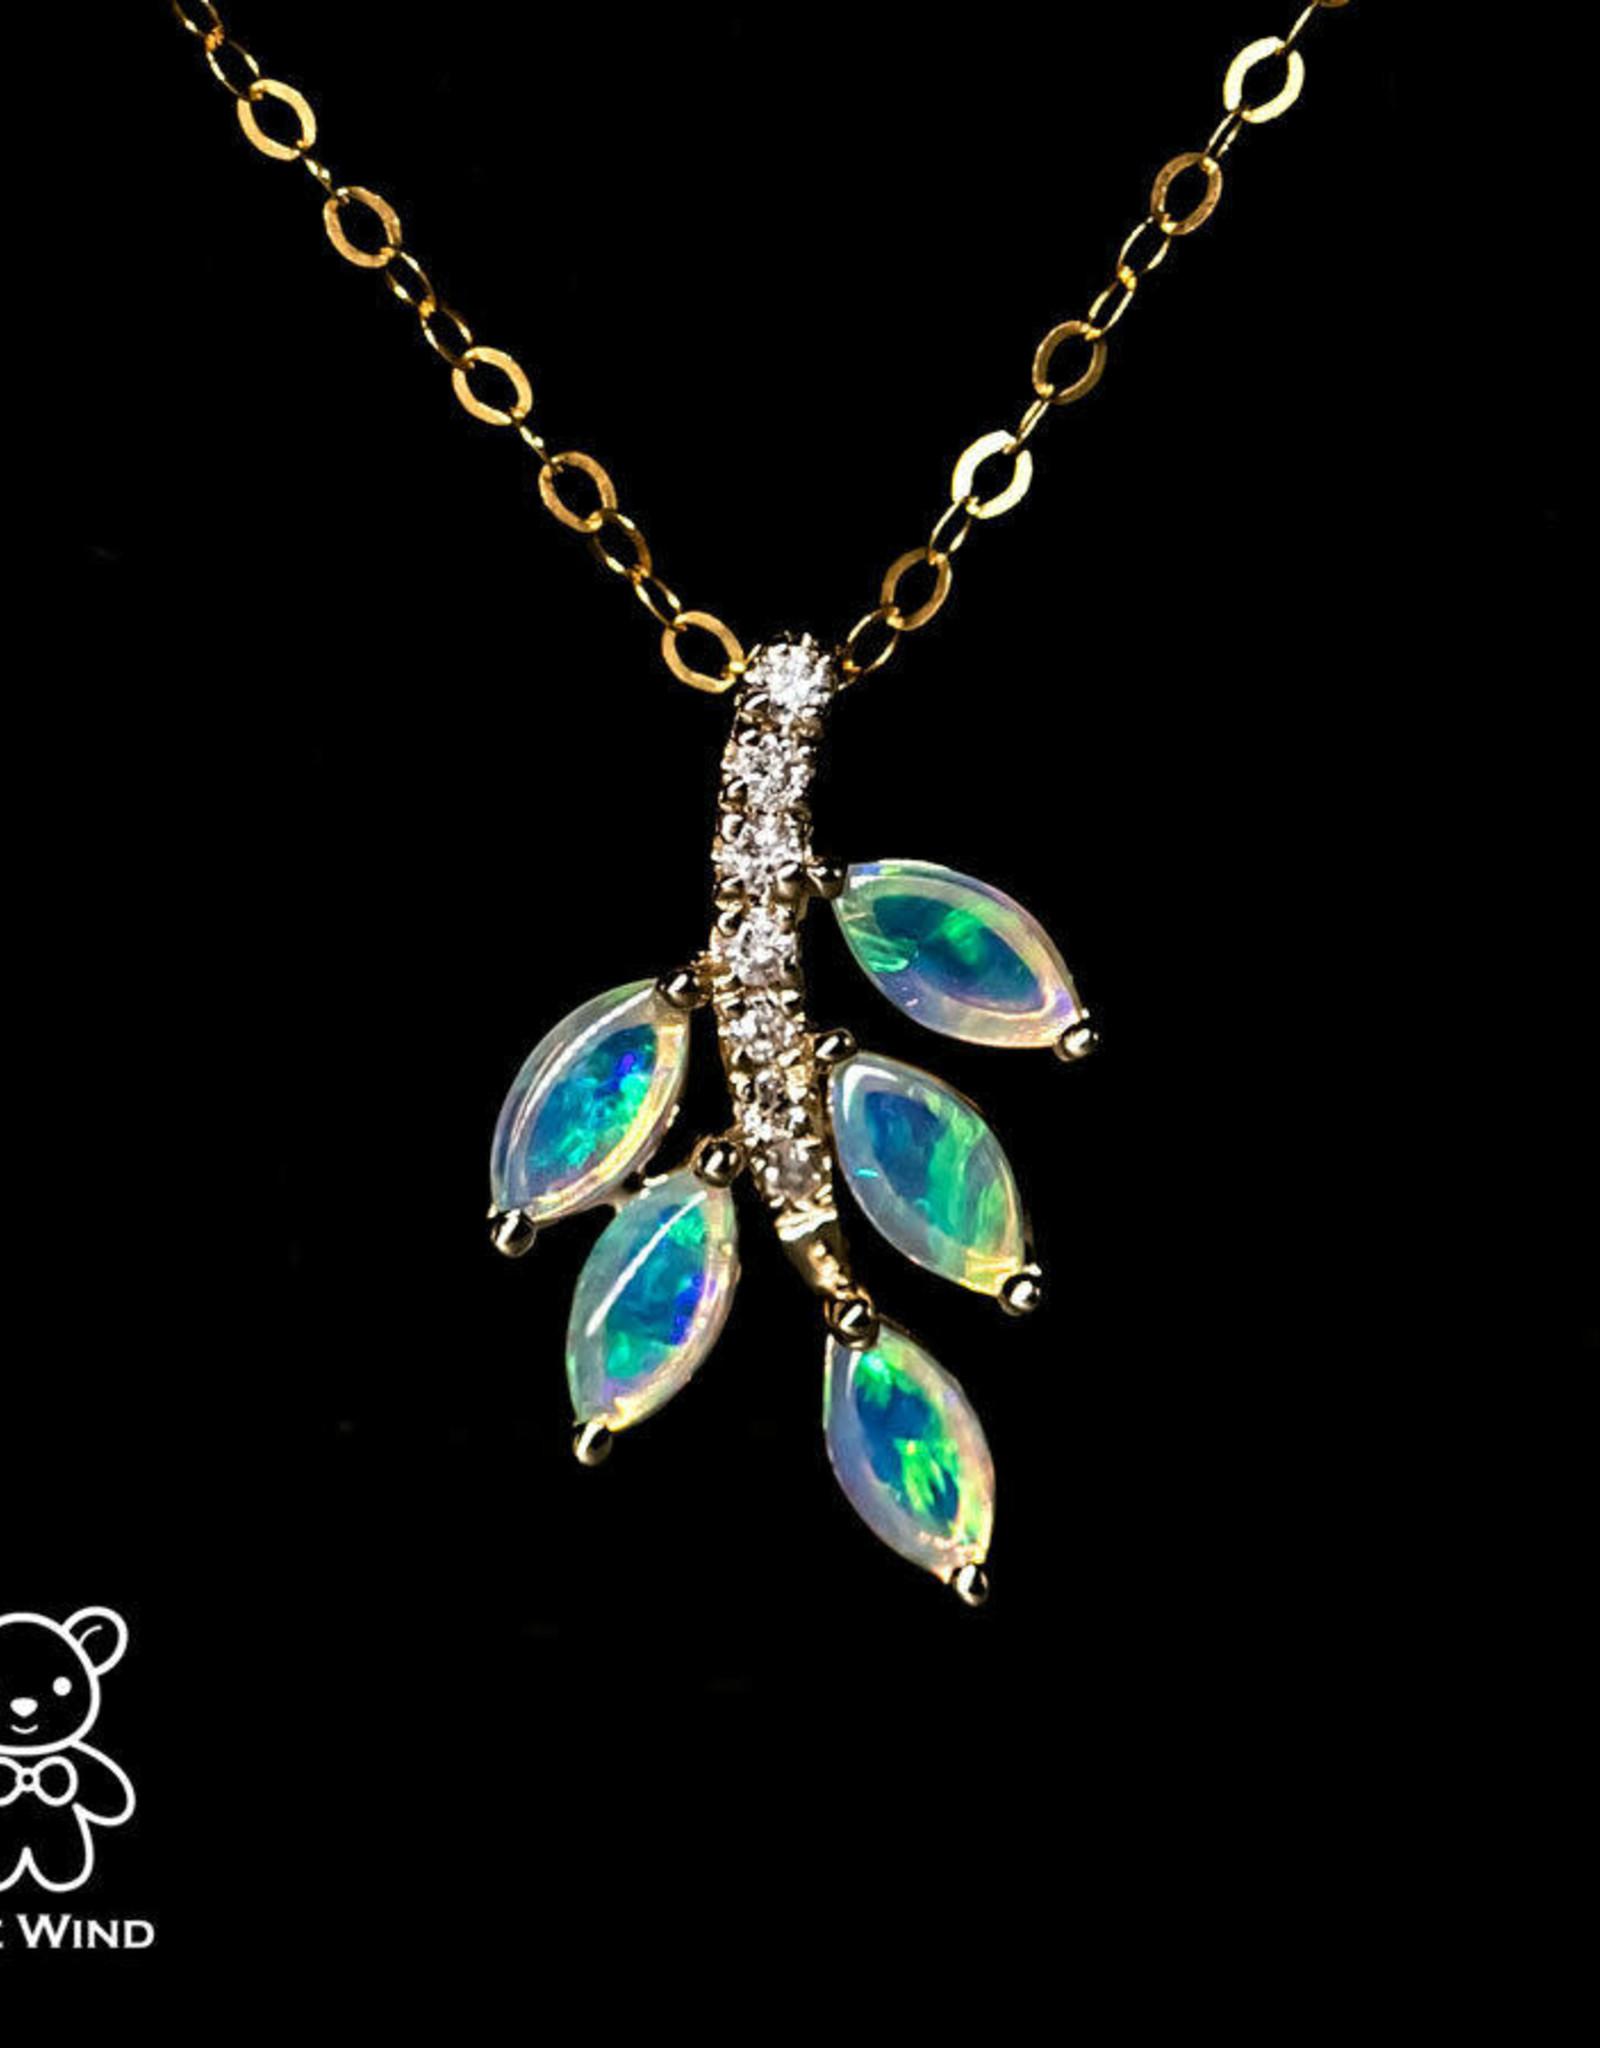 The Wind Opal Australian Leaf Opal Diamond Pendant 14K Yellow Gold